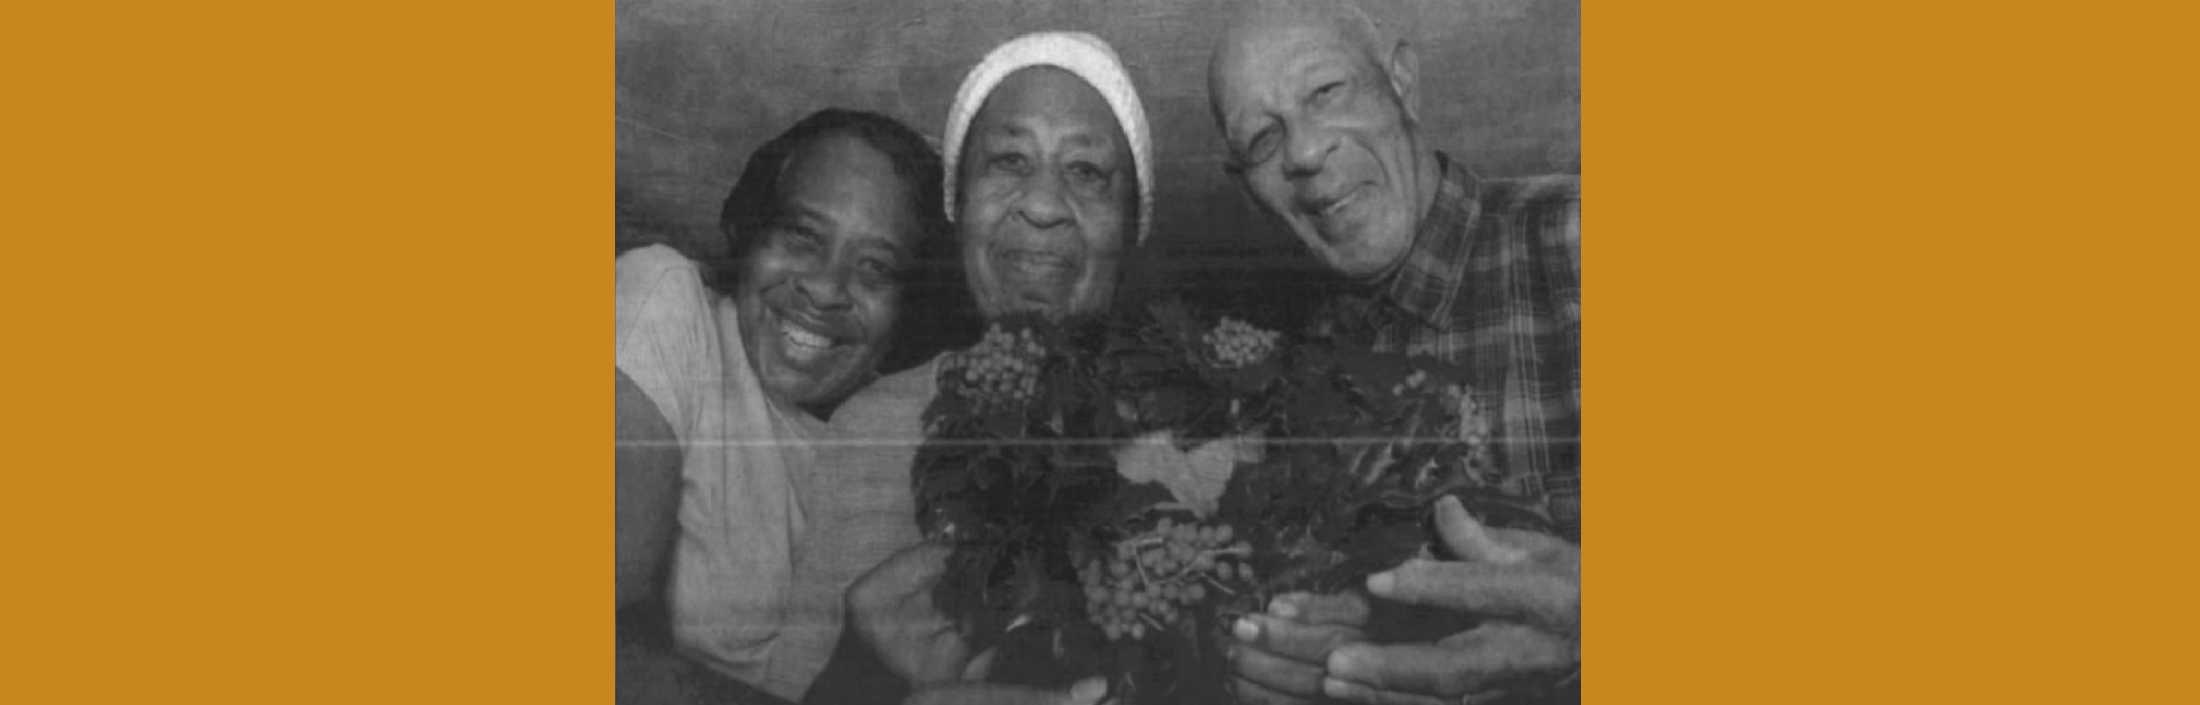 The Holly-Wreath Traditon: Memories from Atlantic, Va.